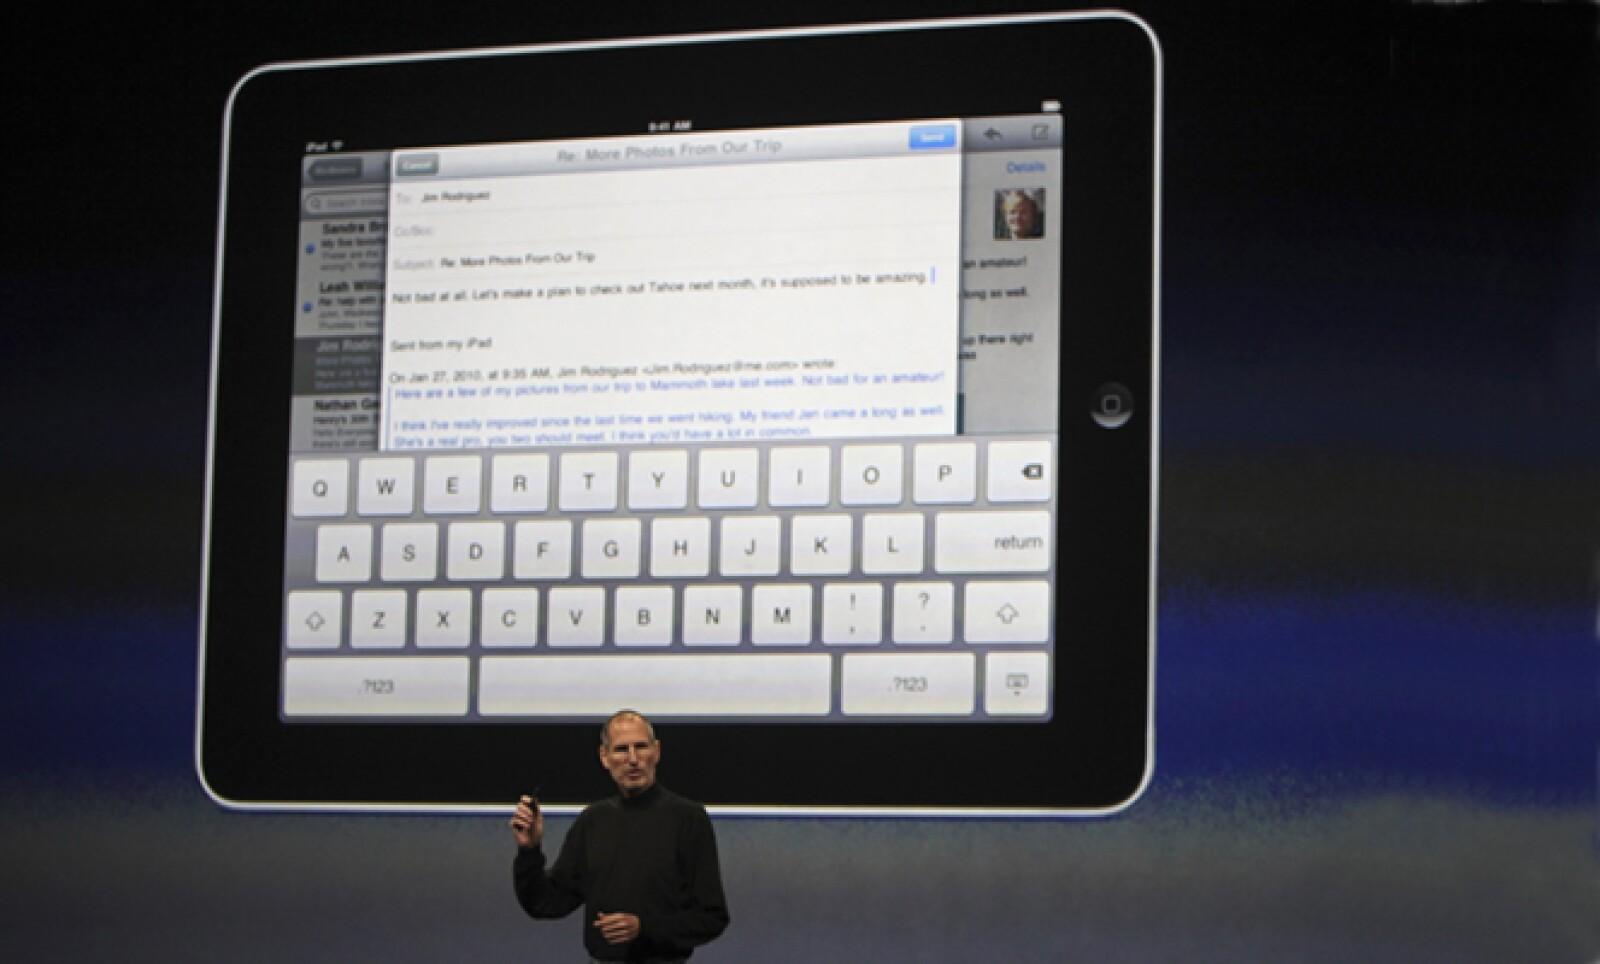 El iPad cuenta con pantalla táctil de 9.7 pulgadas, batería con duración de hasta 10 horas, bluetooth, conexión Wi-Fi y 3G, memoria de 16 o 32 gb y procesador Apple A4 de 1Ghz.